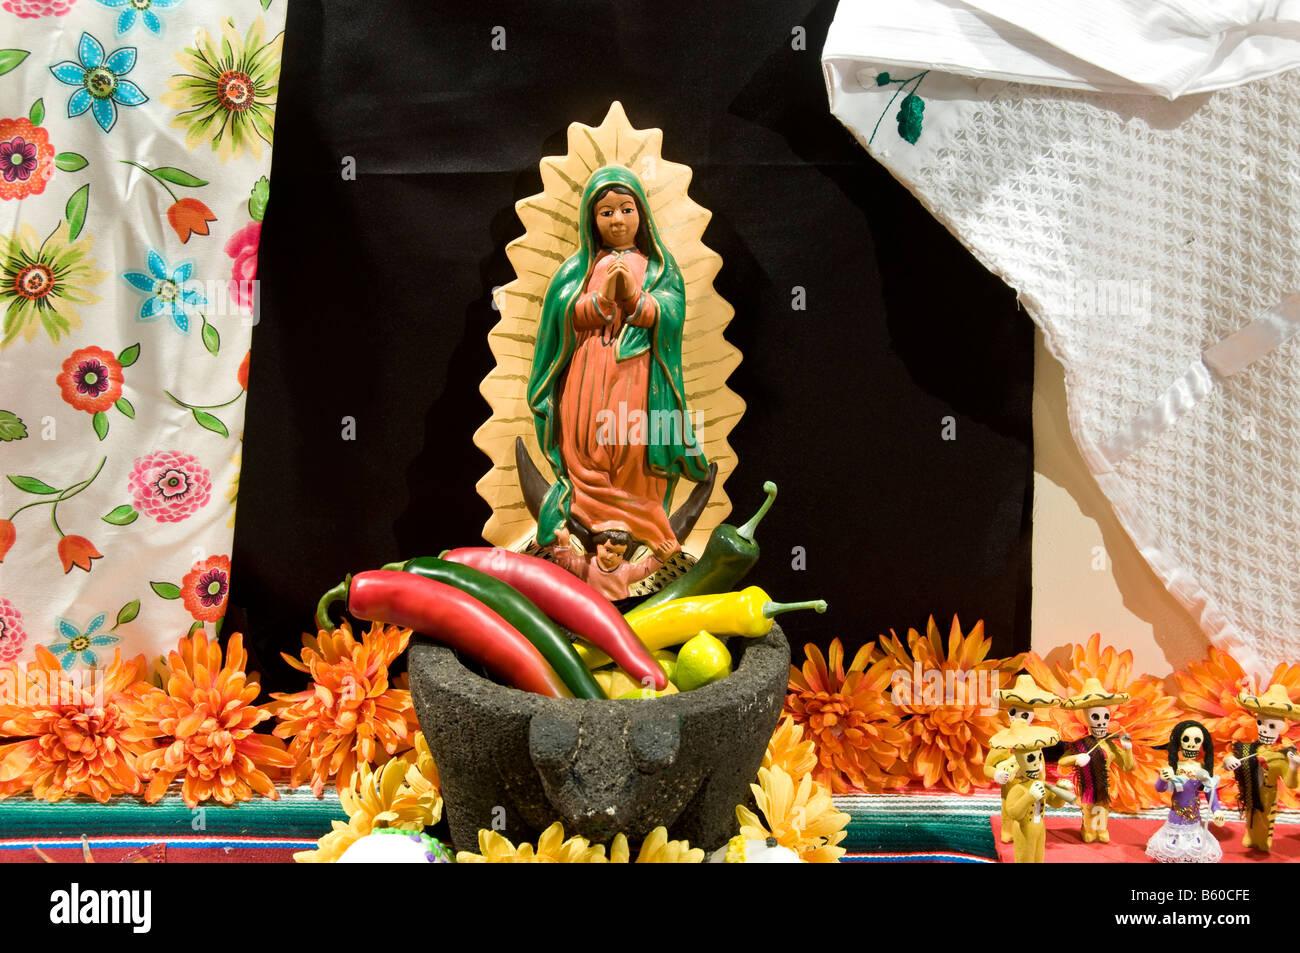 El día de los Muertos Dia de los Muertos (pantalla), el Instituto de Culturas Tejanas, San Antonio, Texas. Imagen De Stock